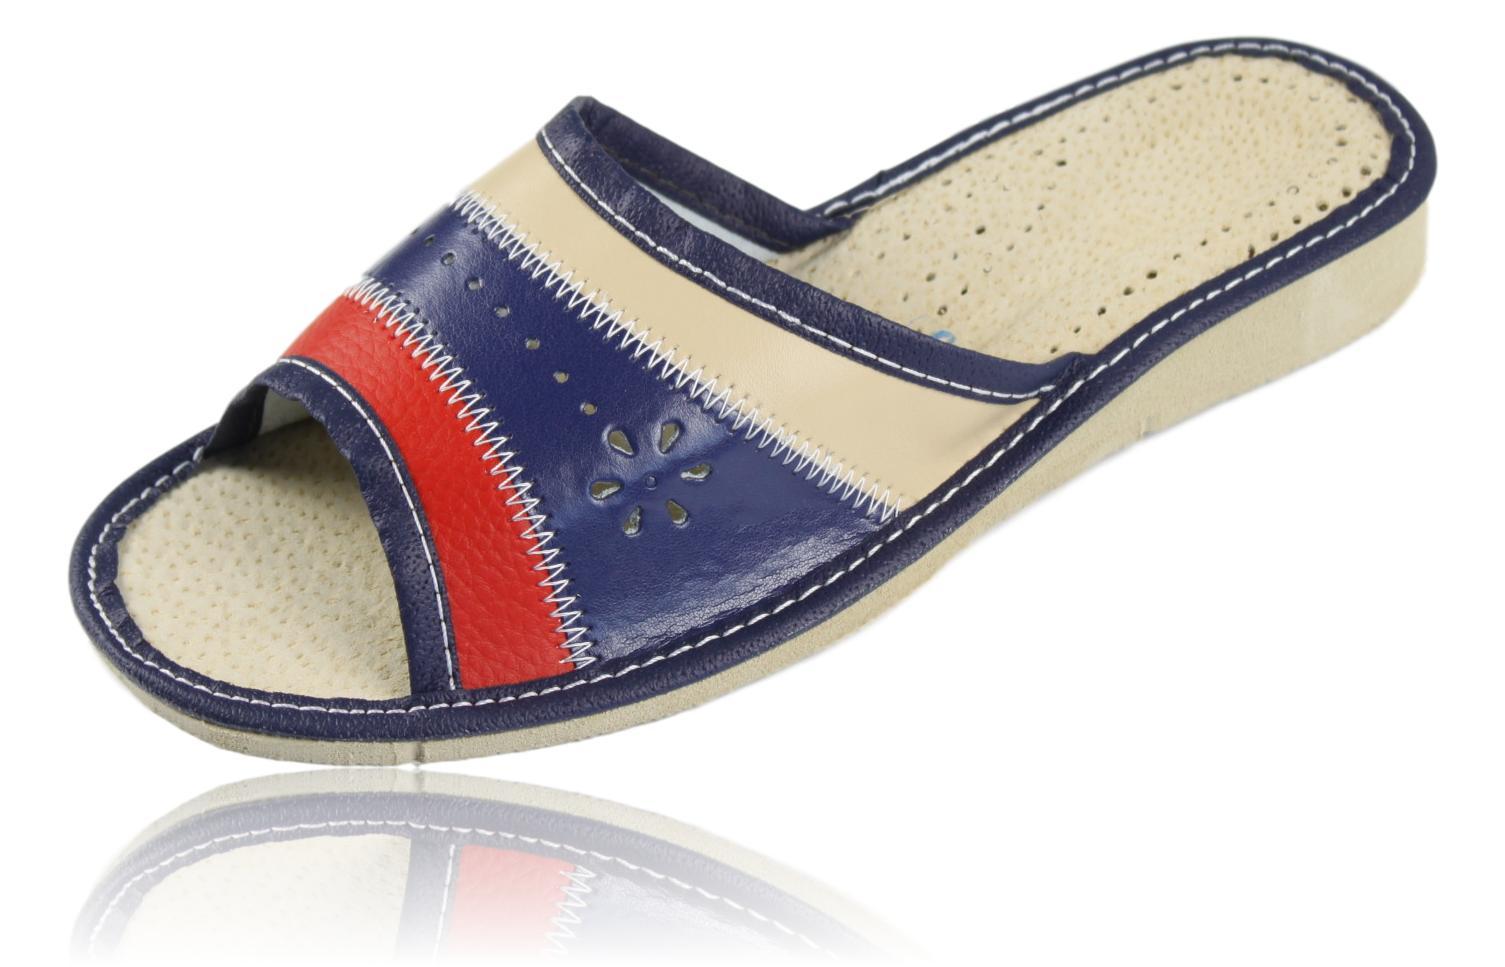 Pantofle kapcie klapki damskie skórzane 1148 37